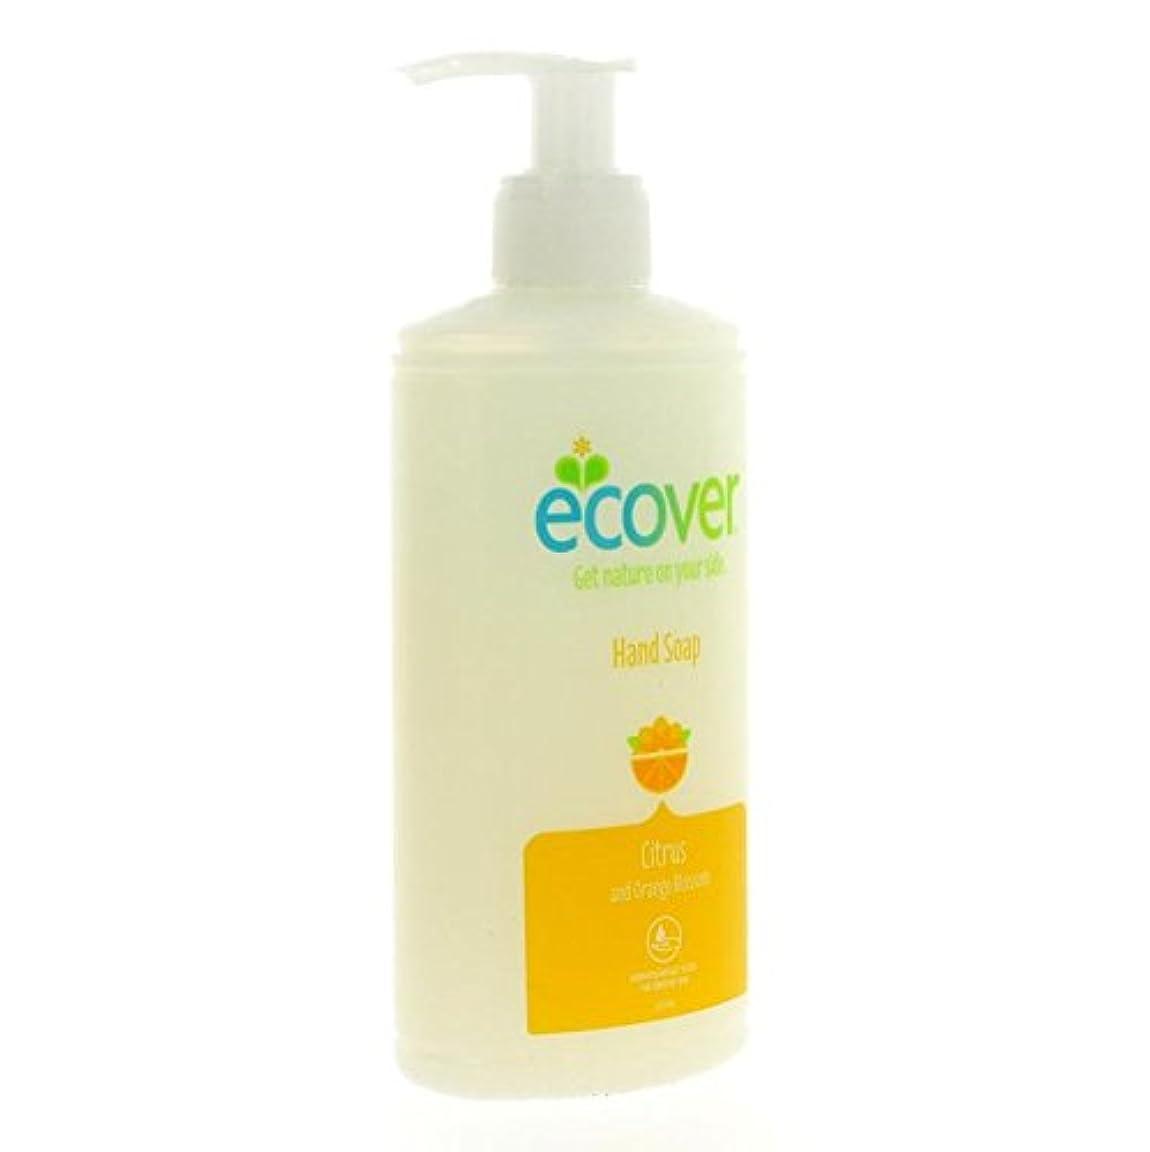 好戦的な邪悪な怠けたEcover - Hand Soap - Citrus and Orange Blossom - 250ml (Case of 6)